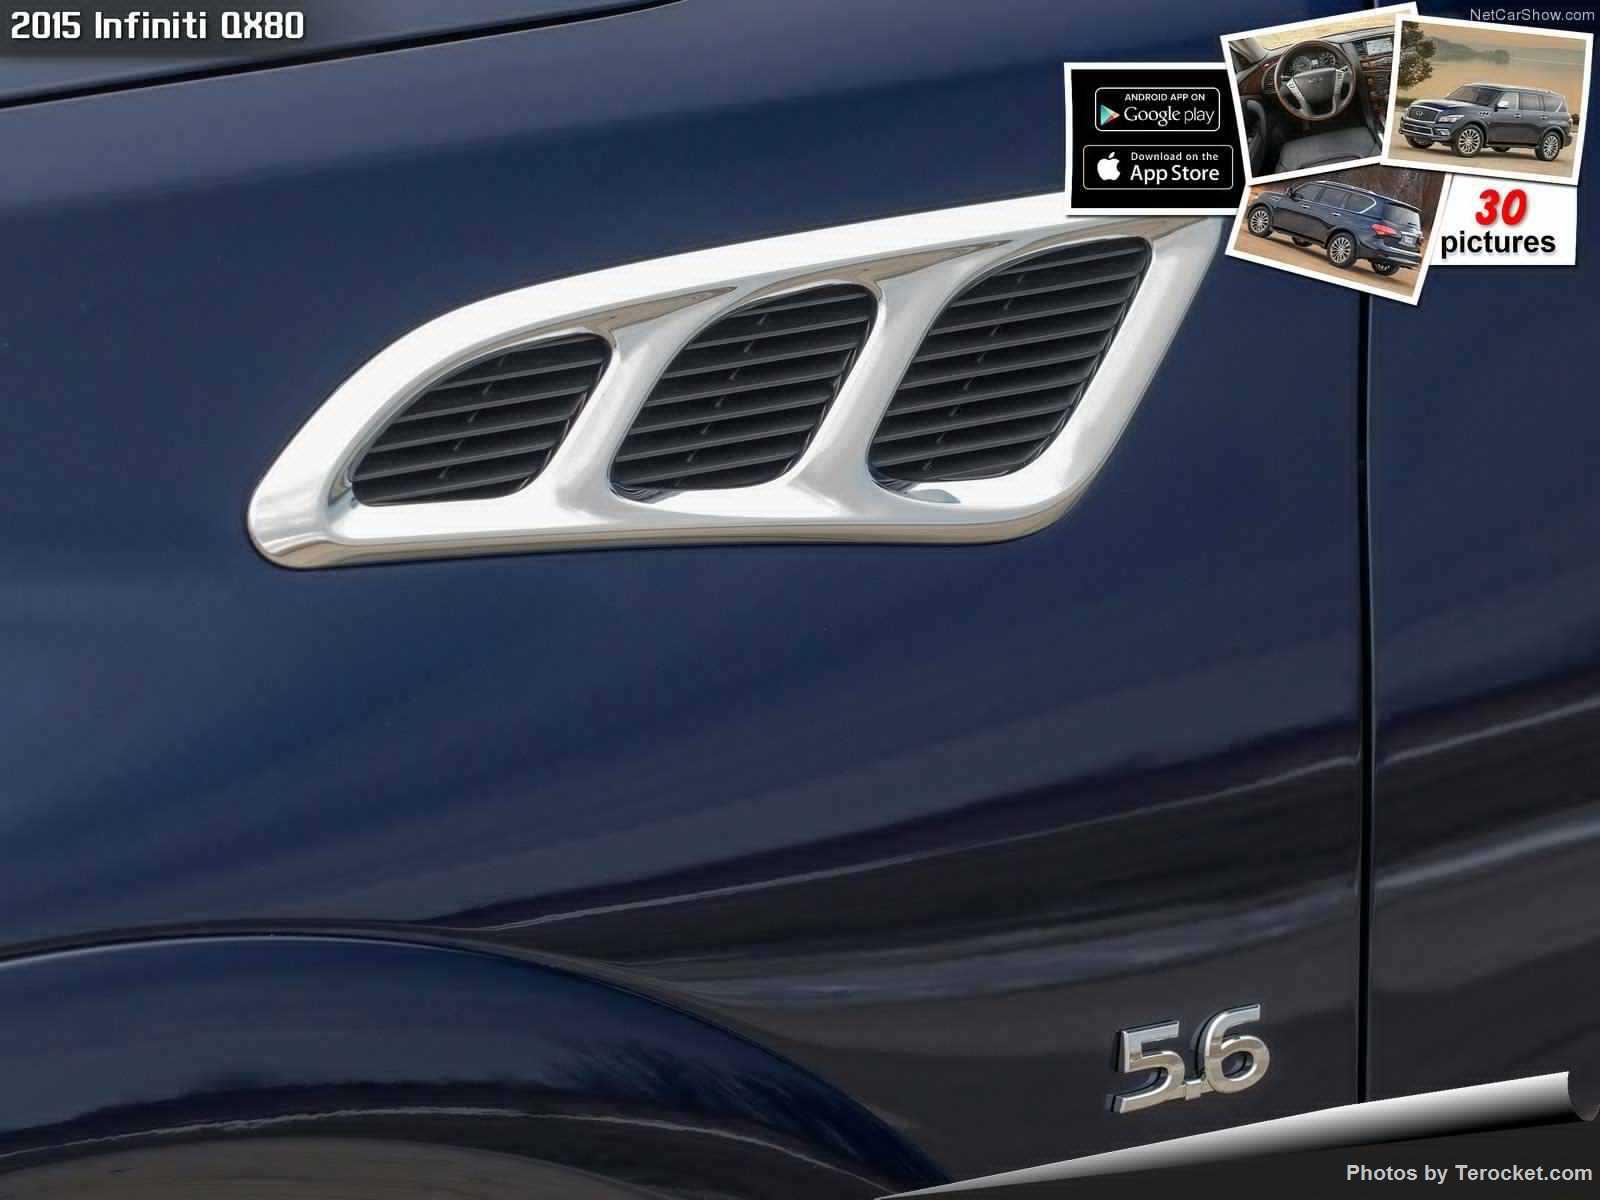 Hình ảnh xe ô tô Infiniti QX80 2015 & nội ngoại thất